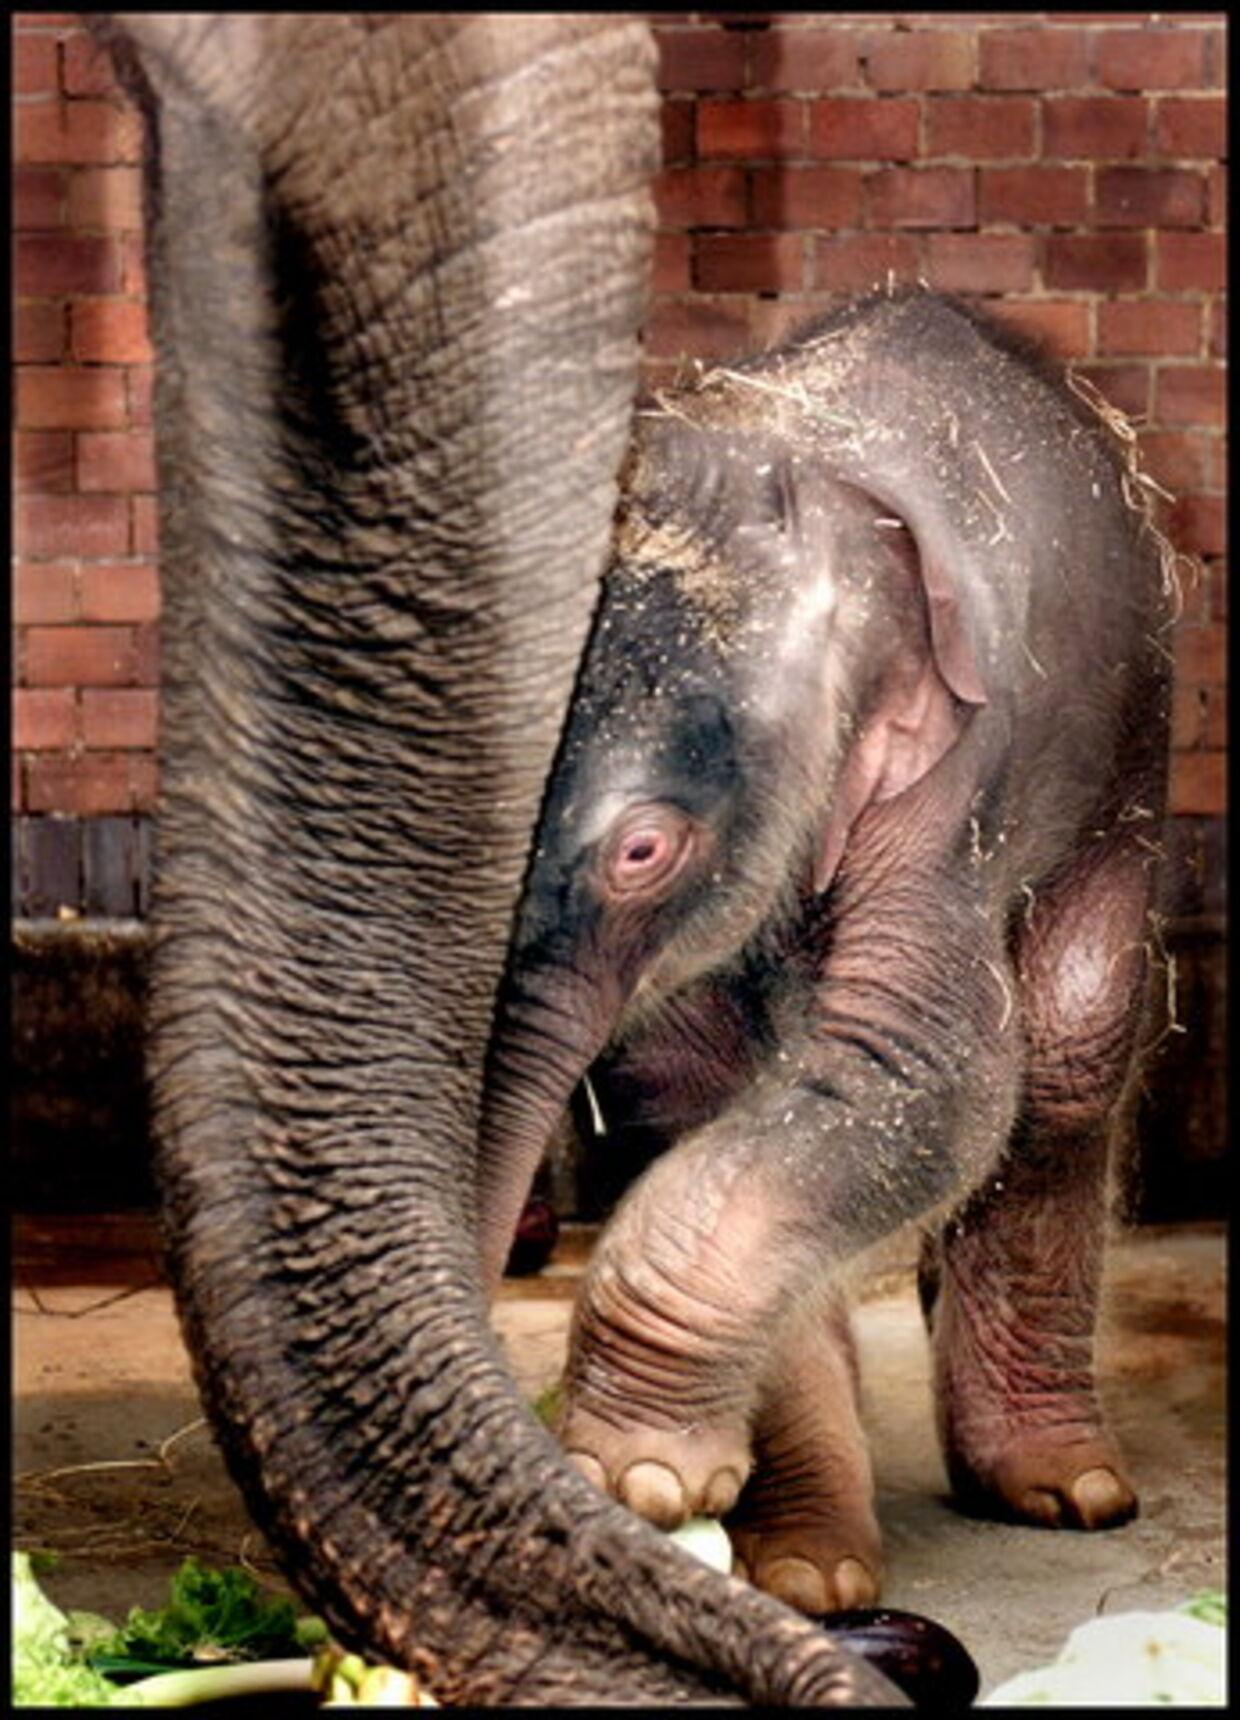 Elefantungen Punjab fik sit navn af B.T.s læsere, som sendte deres forslag ind. Sandsynligvis var det en alvorlig maveinfektion, der tog livet af den lille elefant, kun et par uger efter at dens tante Coco bukkede under for en bakterie-infektion. Her ses Punjab sammen med sin mor, Ida. Arkivfoto: Bax Lindhardt